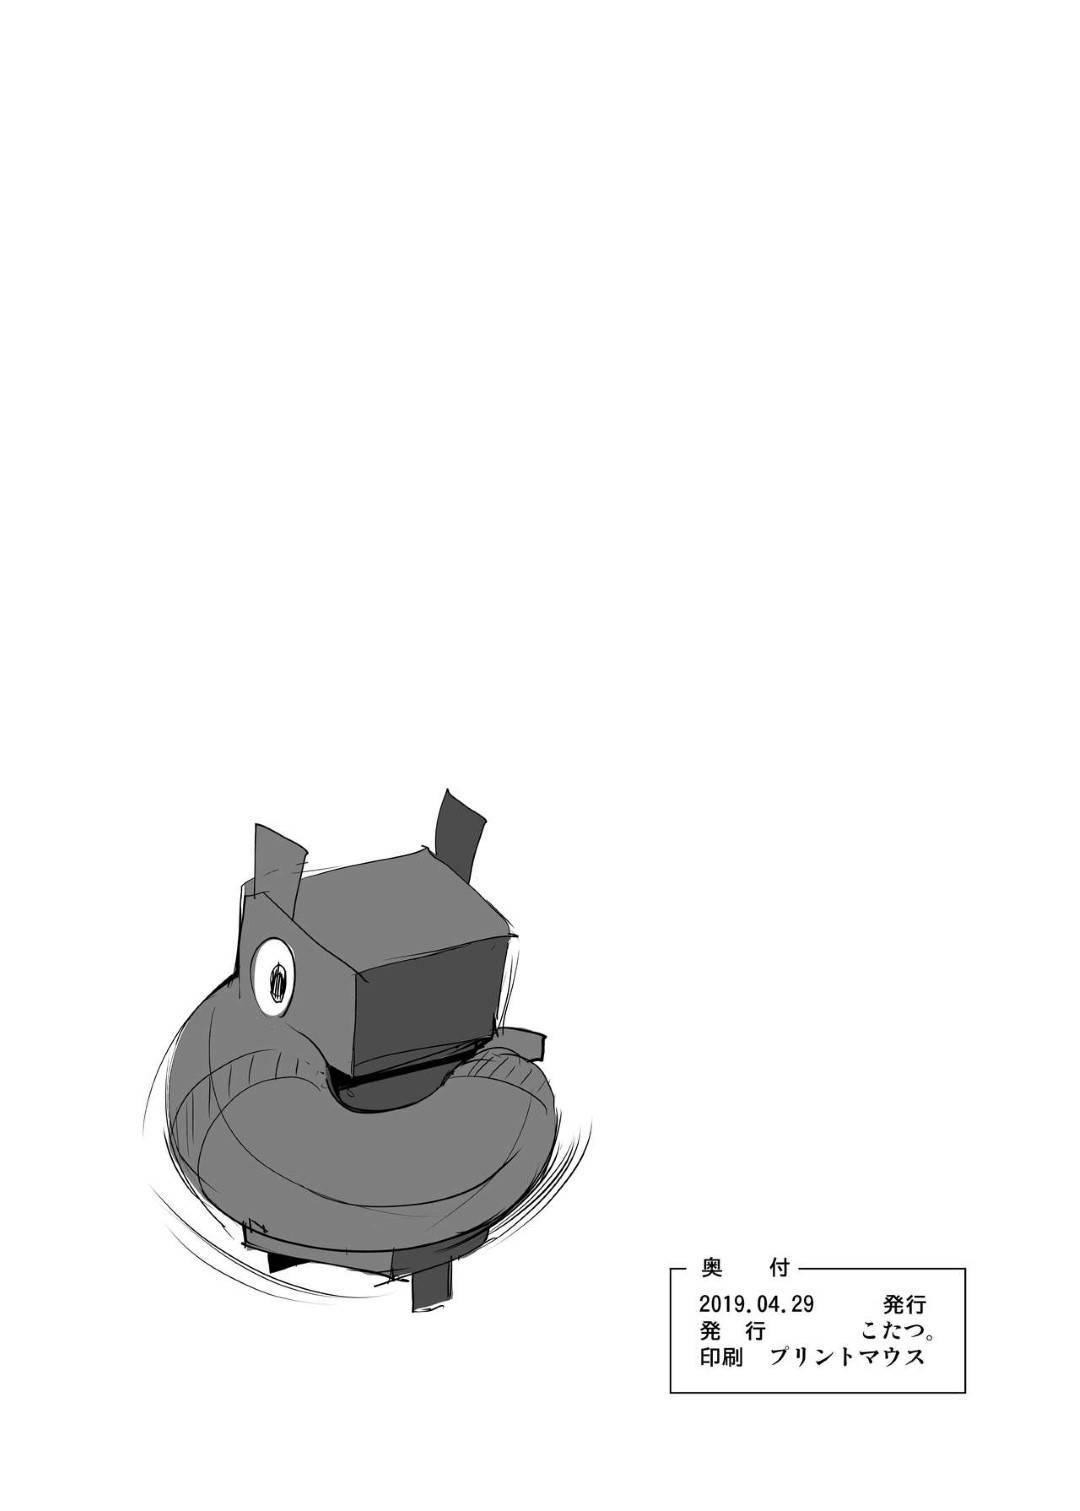 【エロ同人誌】画期的な発明によってカレー味のカレーを生み出す実験台にされる女…特製カレーの元を浣腸で注入してアナル責めによって悶絶するまでイカされるアナルSEX!【こたつ。:カレー味のカレー】